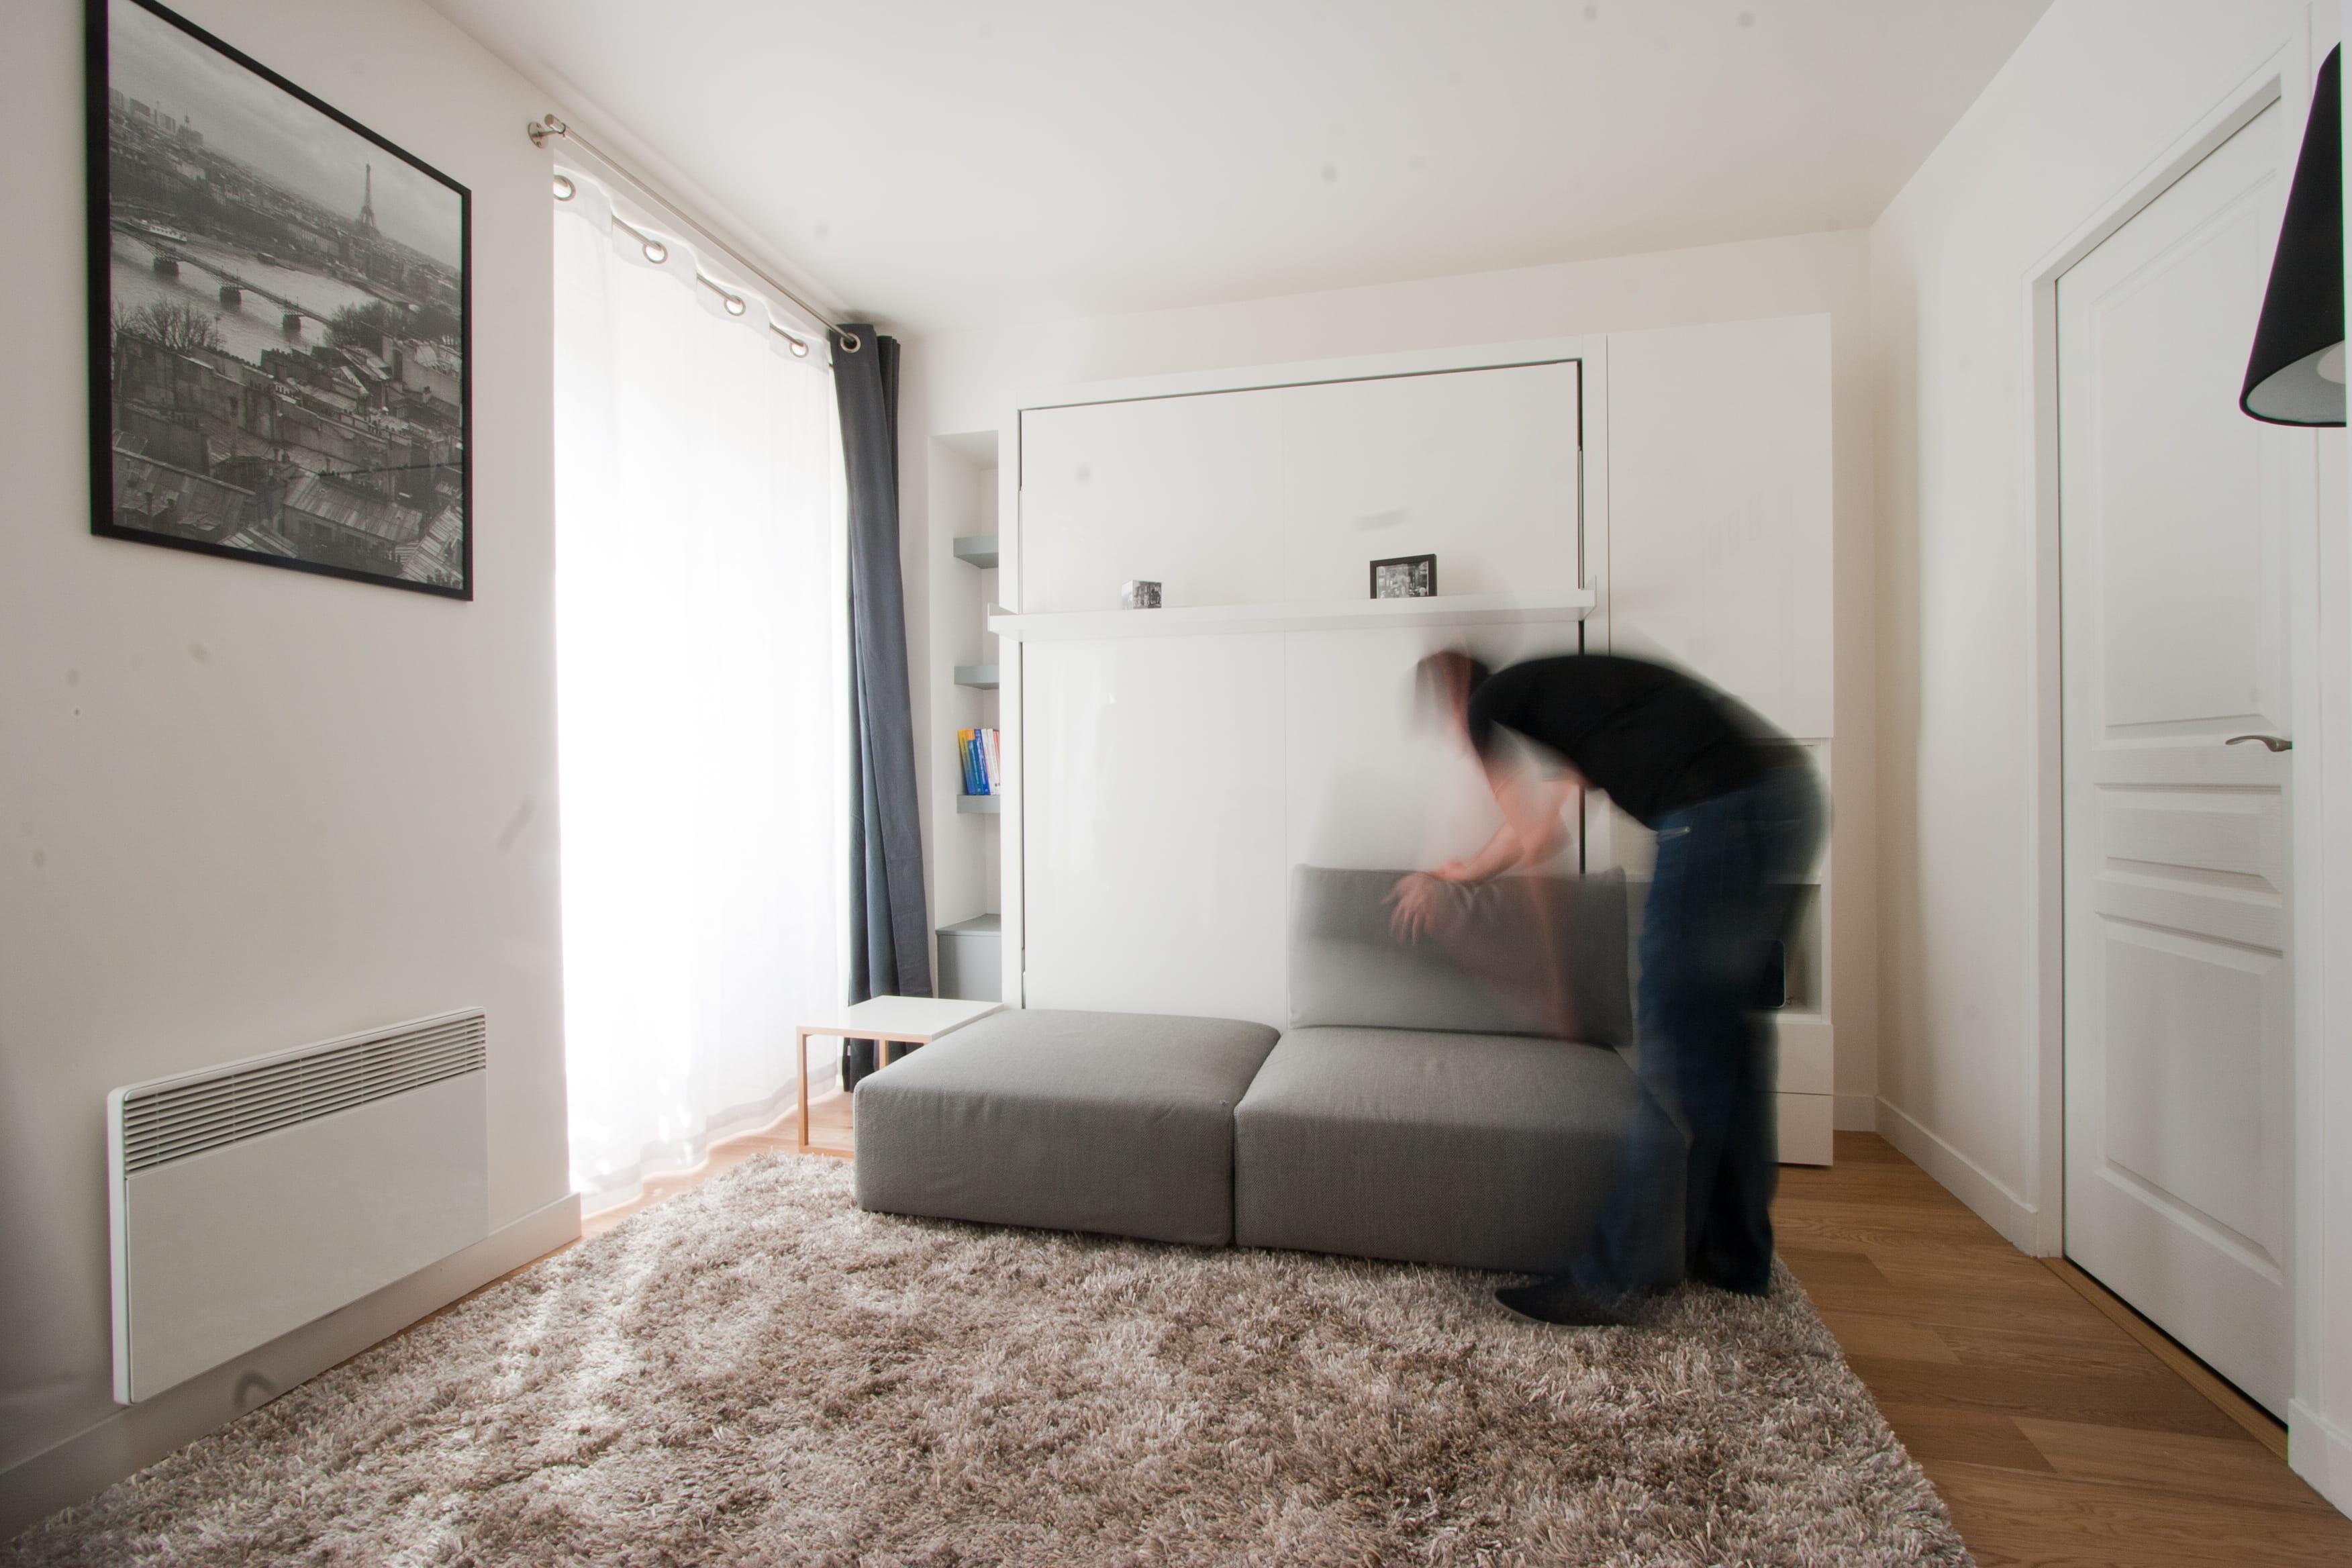 Comment Disposer Des Cadres Au Dessus D Un Canapé comment gagner de la place ? 25 idées pour optimiser les